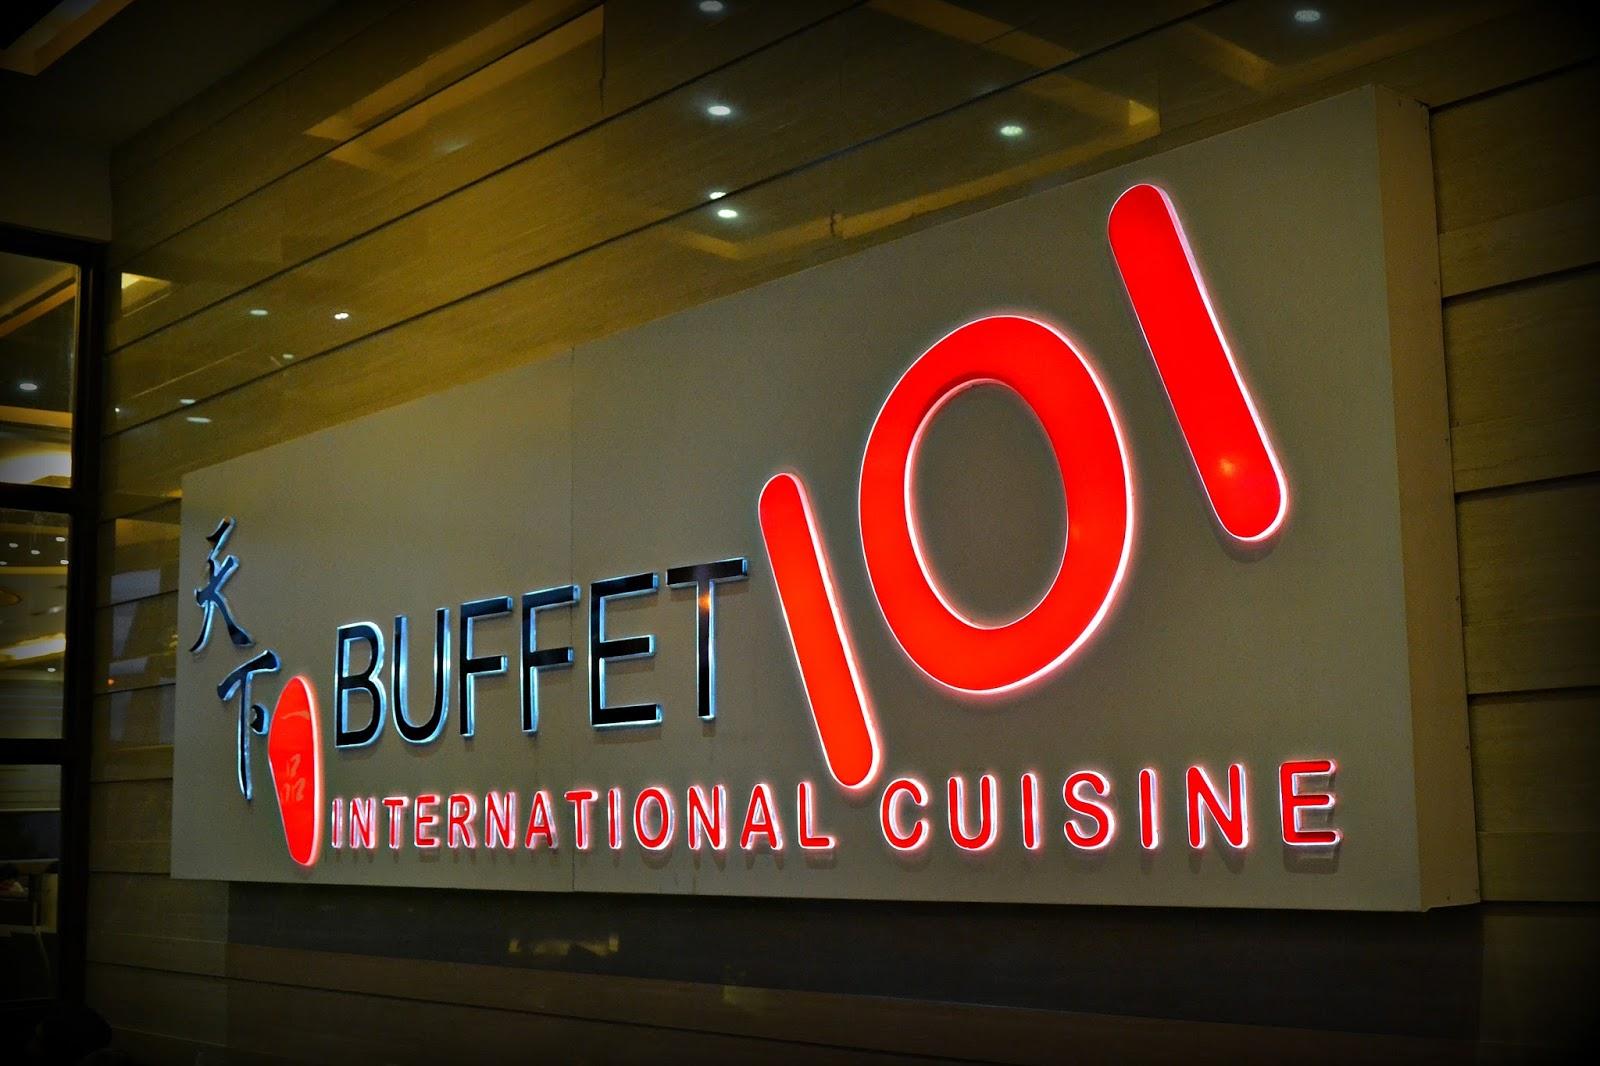 foodtrip buffet 101 international cuisine moa rh nicerioadventures blogspot com